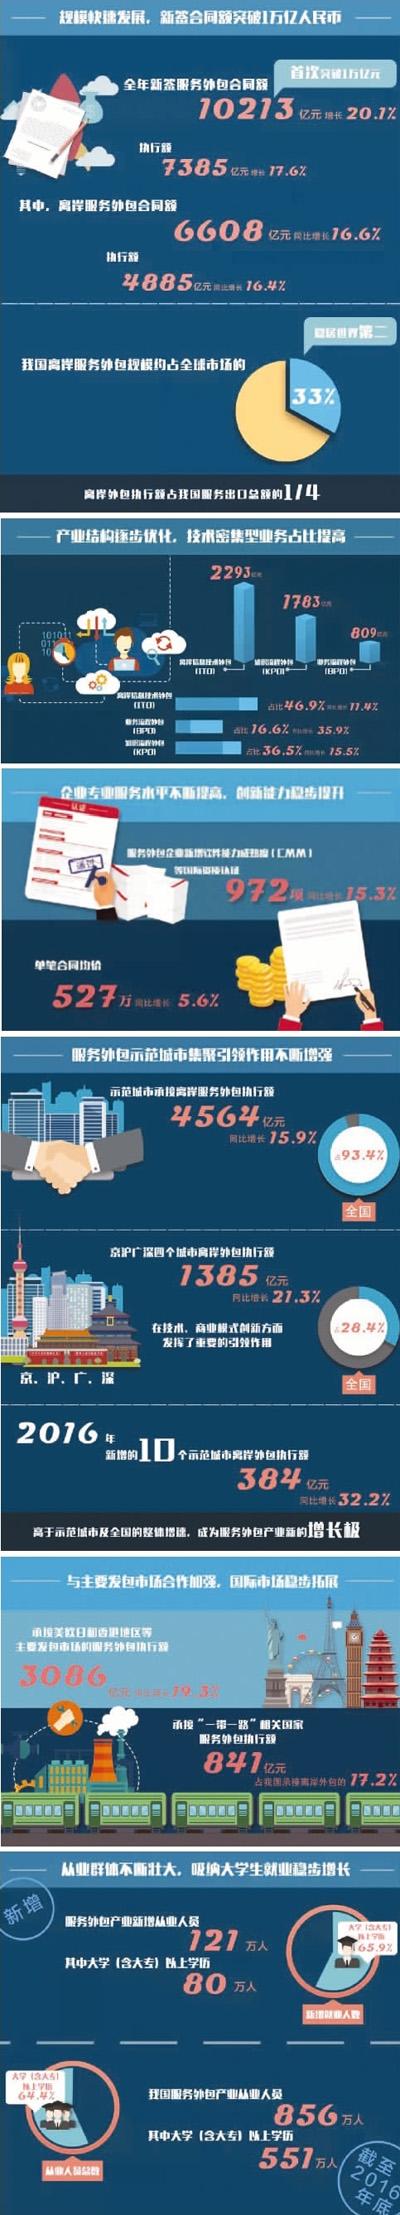 """""""中国服务外包""""融入全球价值链"""